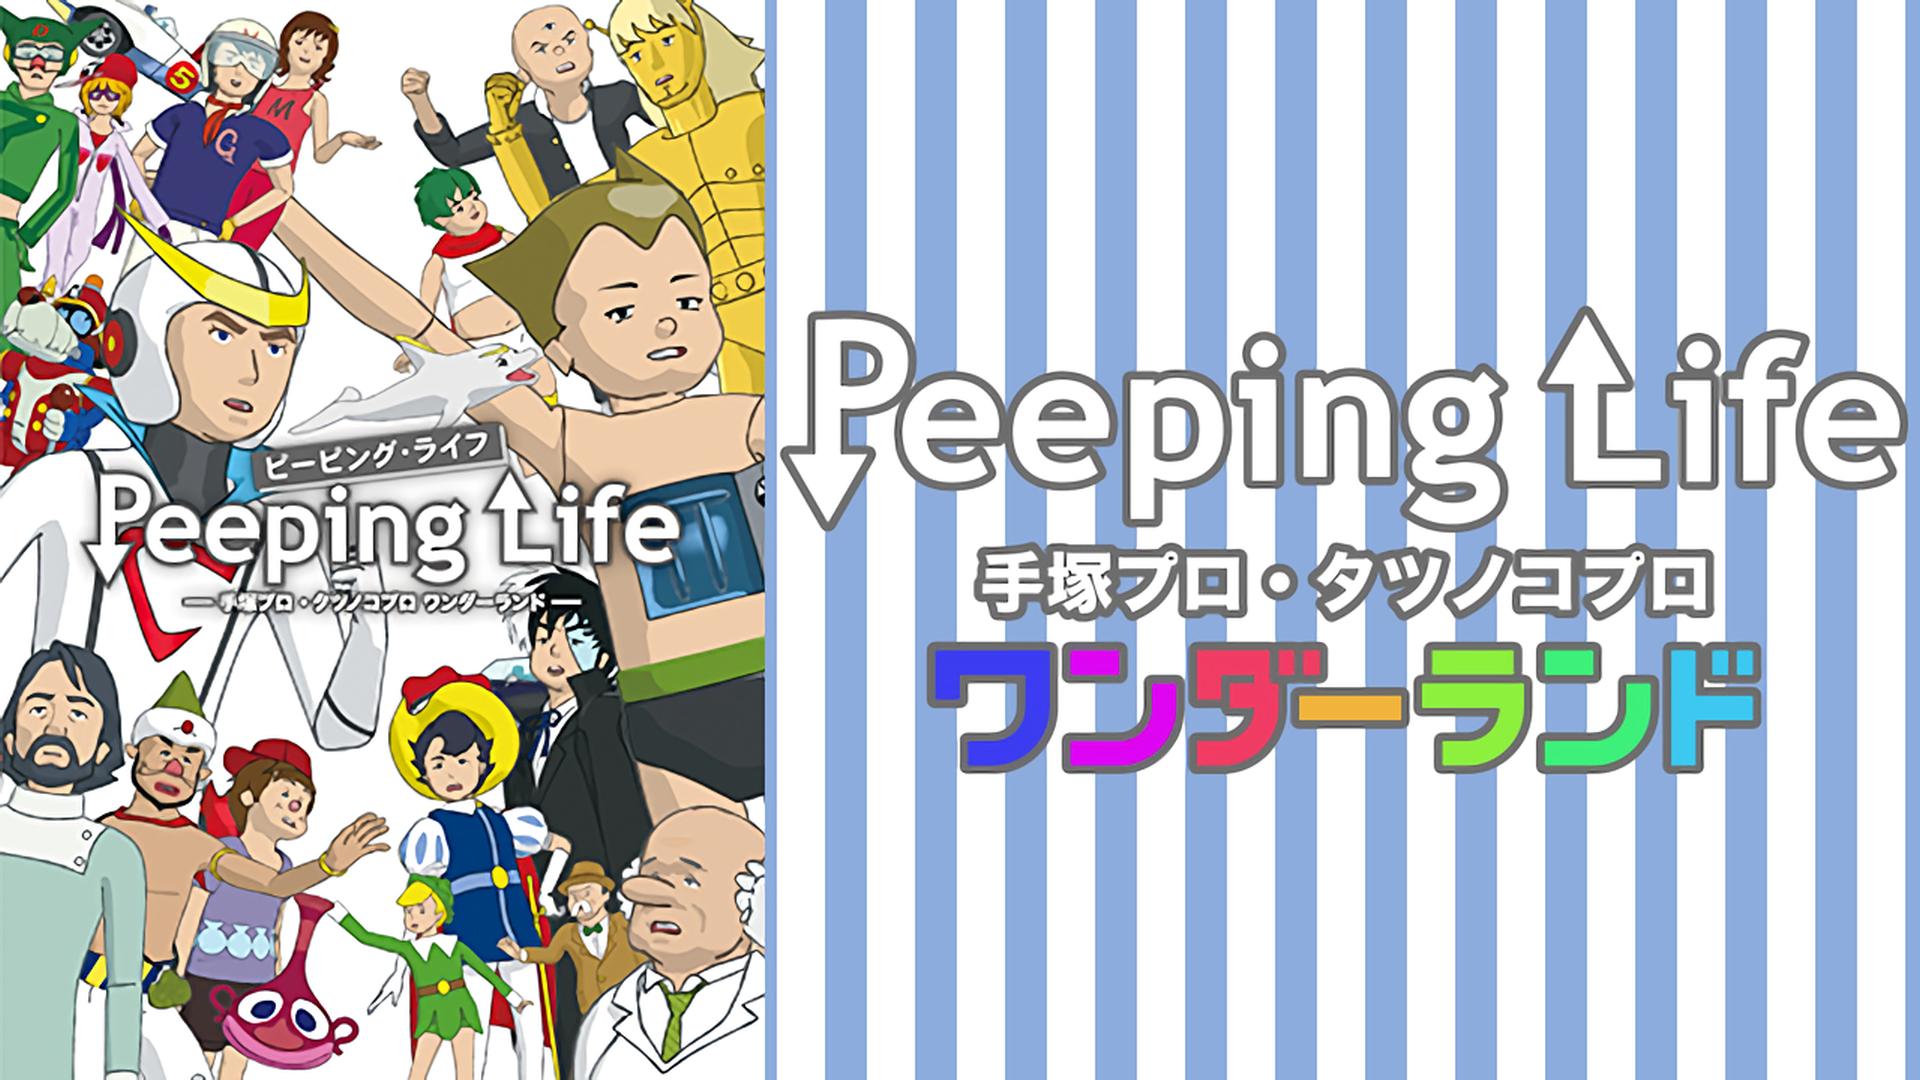 Peeping Life -手塚プロ・タツノコプロ ワンダーランド- (dアニメストア)